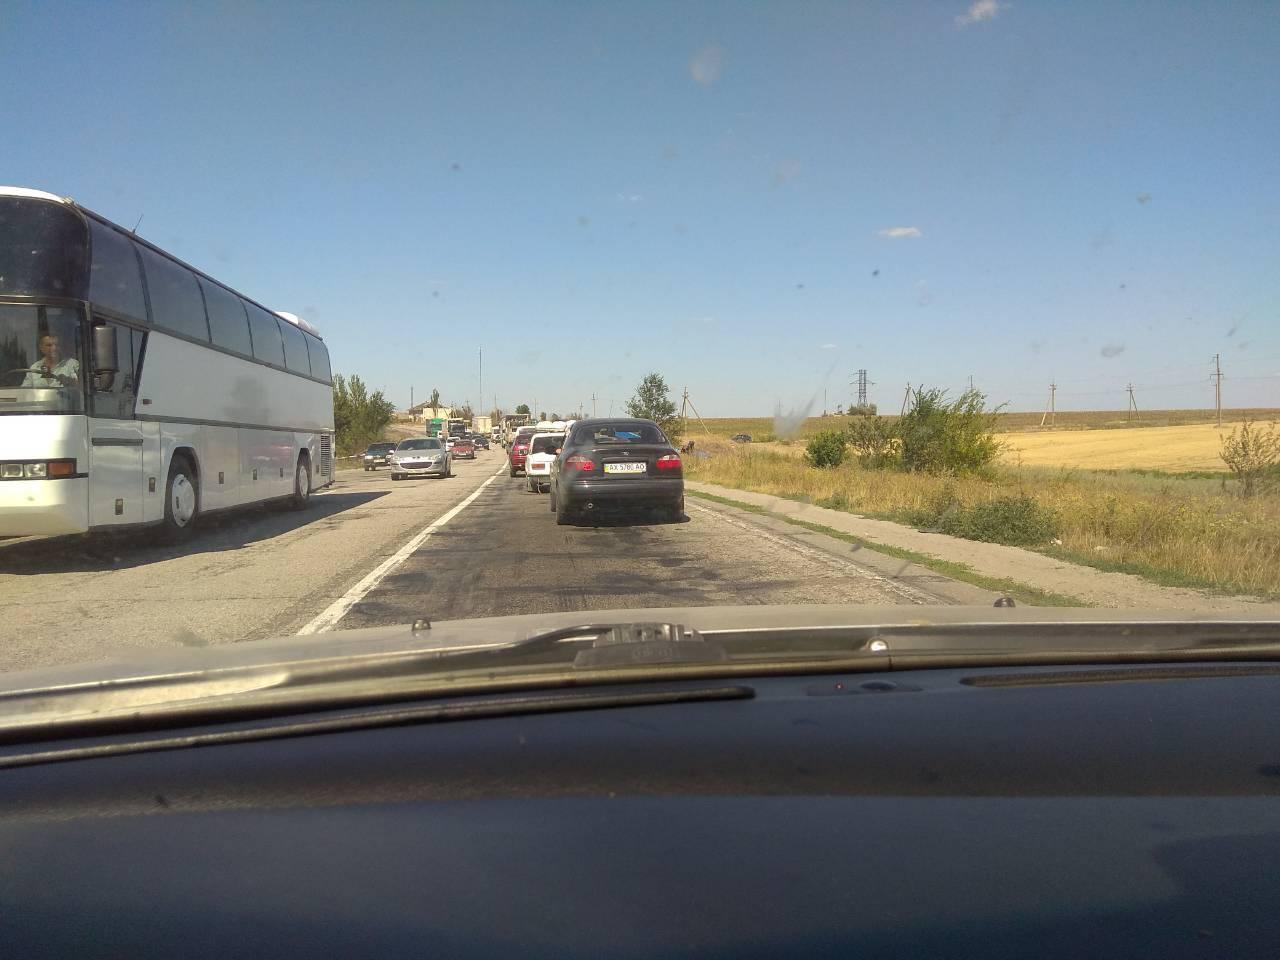 На Запоріжжі сталася жахлива ДТП з маршруткою і вантажівкою, багато загиблих: фото і відео